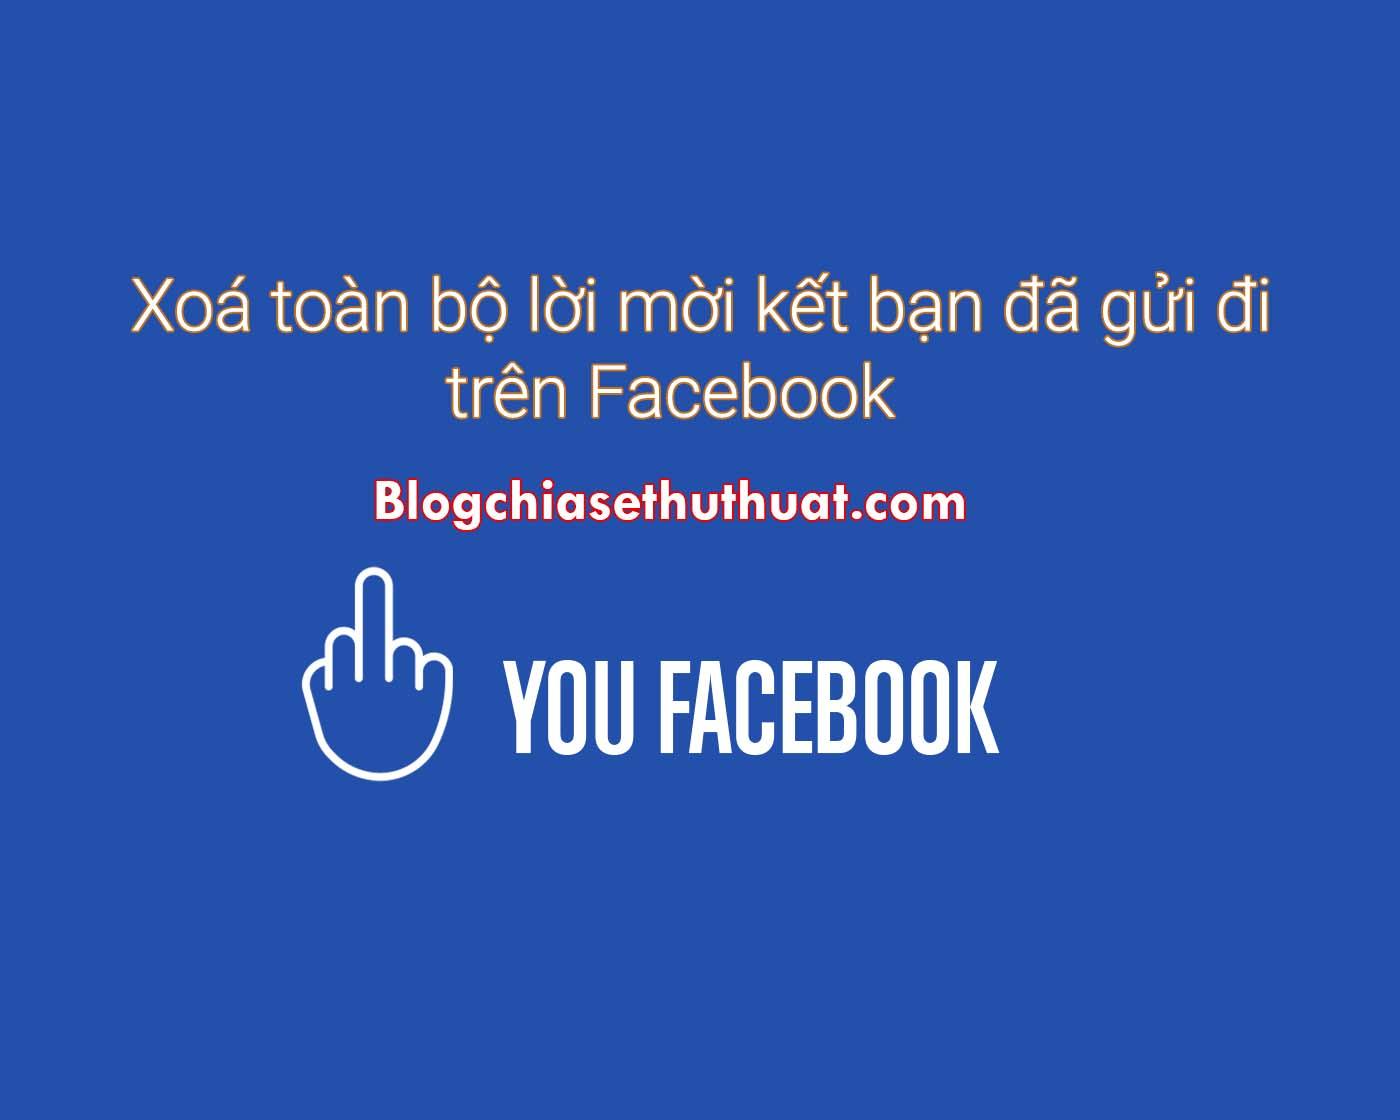 Xoá toàn bộ lời mời kết bạn đã gửi đi trên Facebook